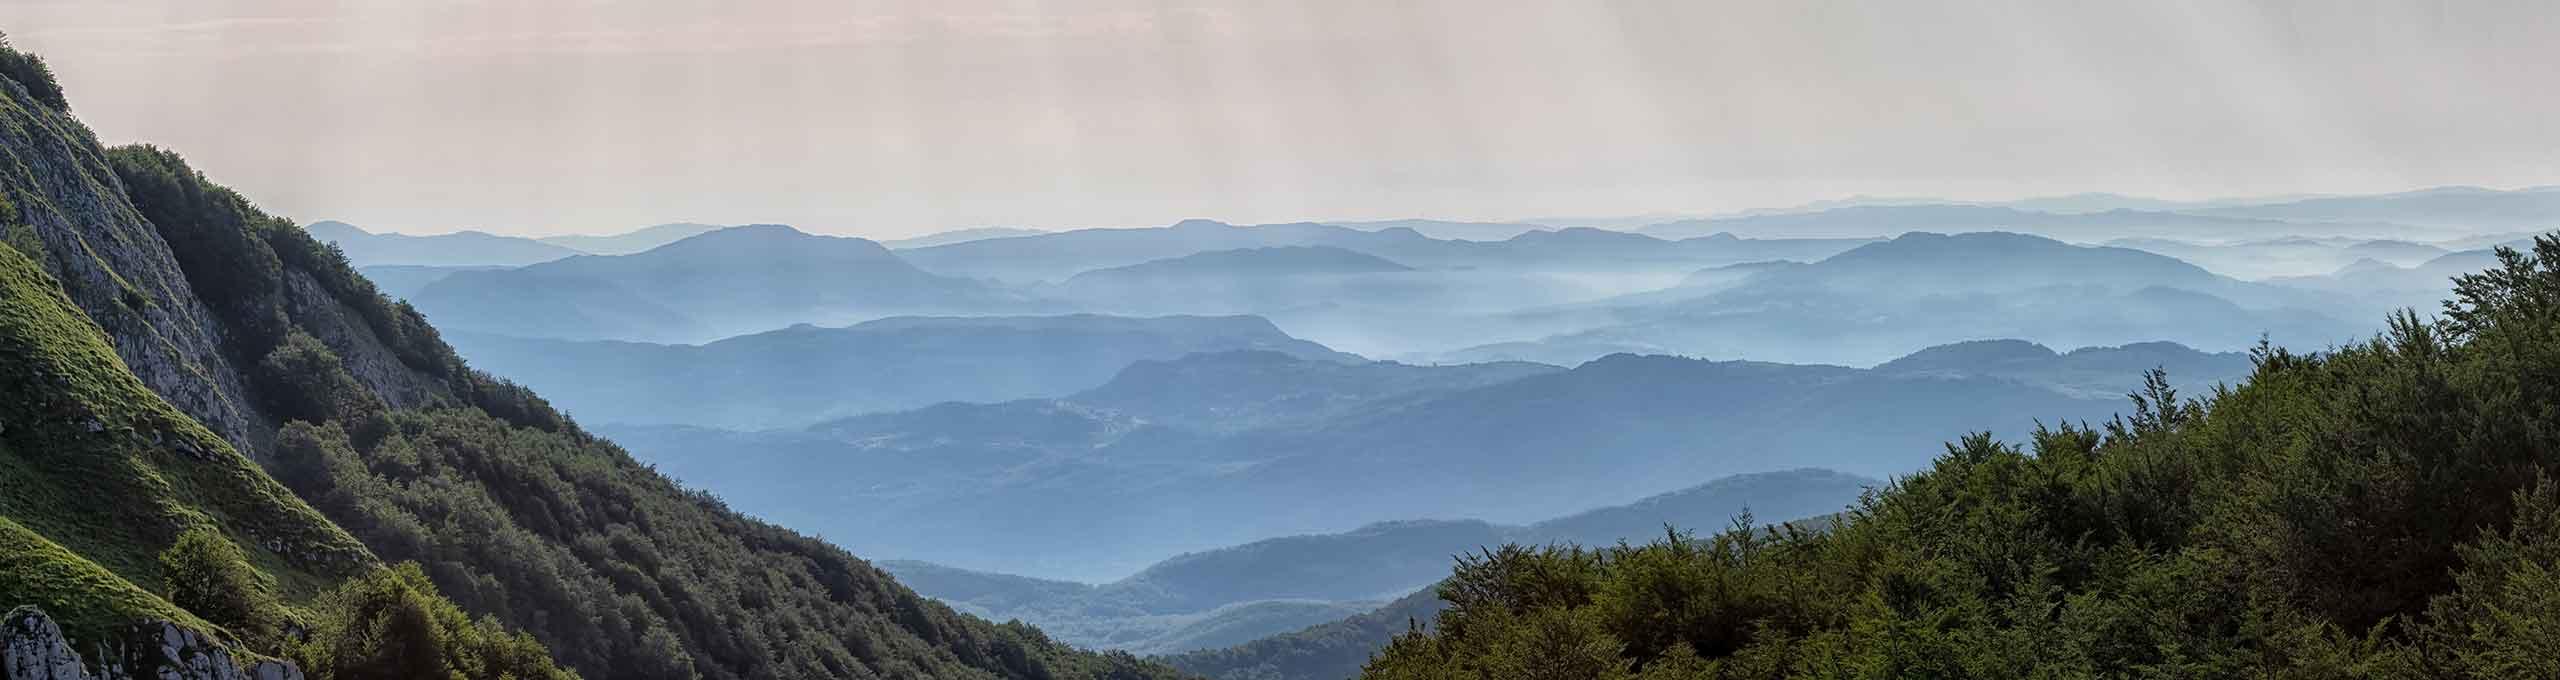 Parco nazionale d'Abruzzo, Rocca di Mezzo